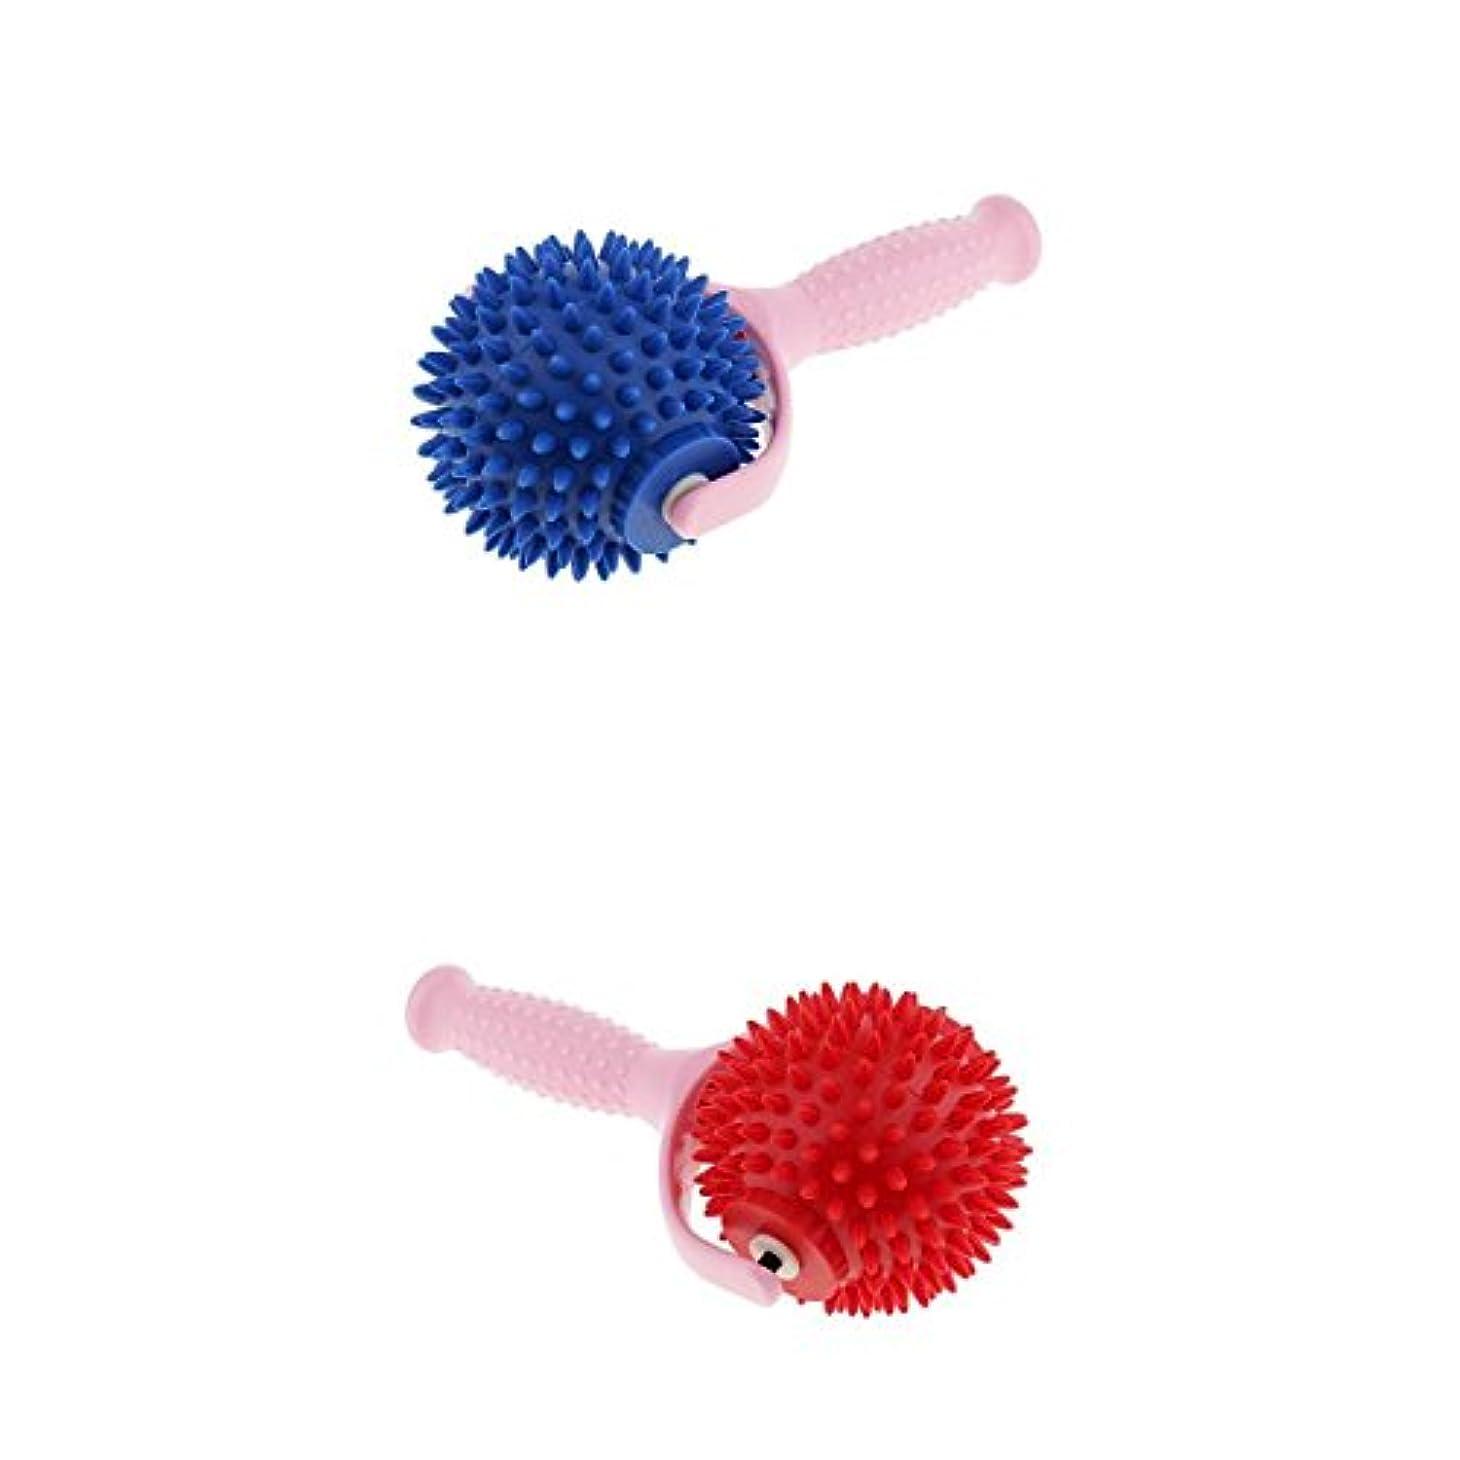 繕うパキスタンボウリングマッサージボール 手持ち式 2個セット 筋膜リリース 伝統的 鍼療法 PVCプラスチック